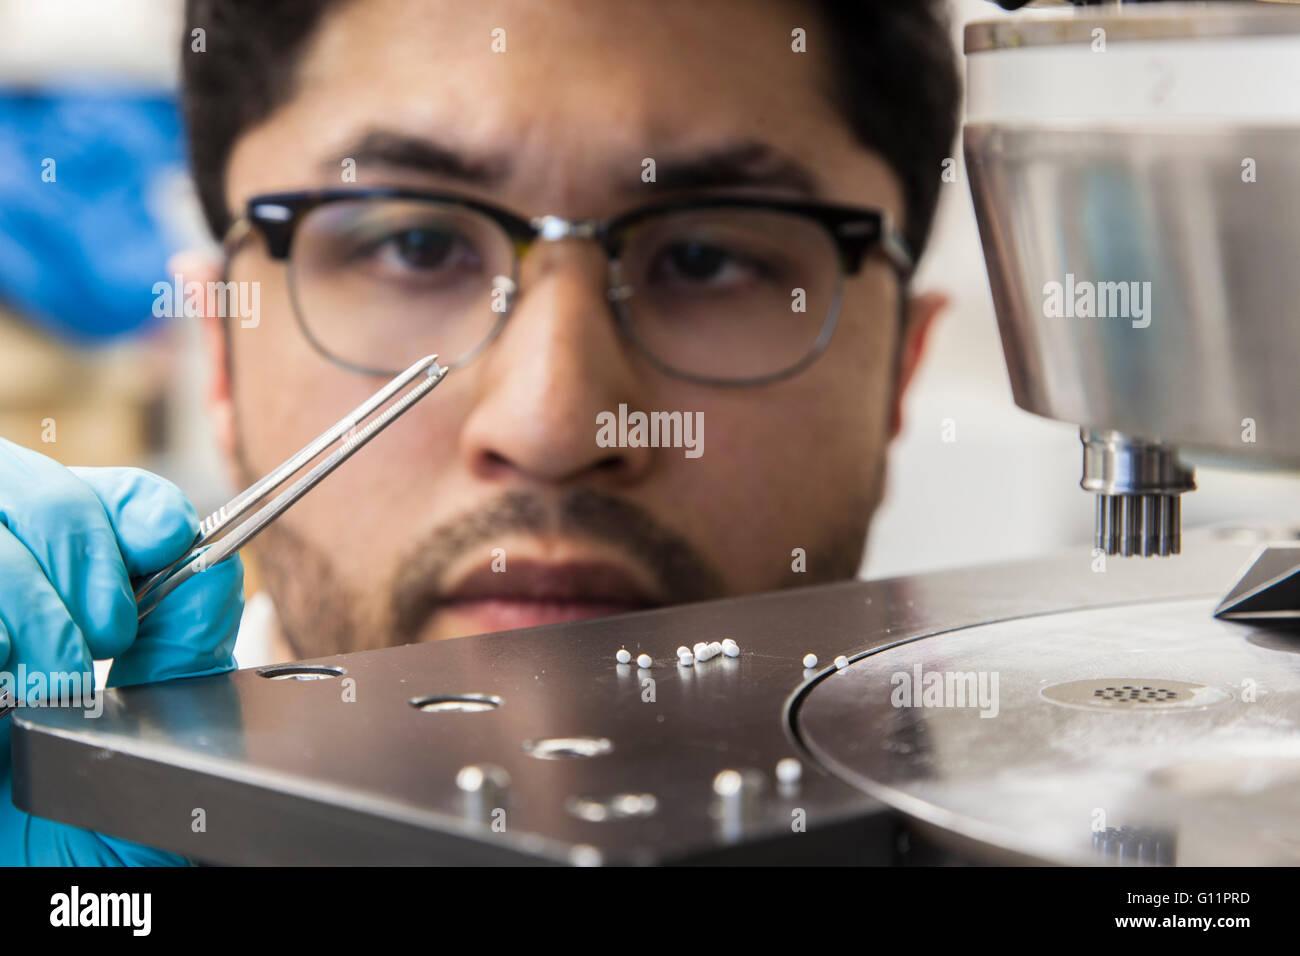 La recherche à l'Institut de pharmacie et en biopharmaceutique. Étudiant au doctorat à la presse Photo Stock